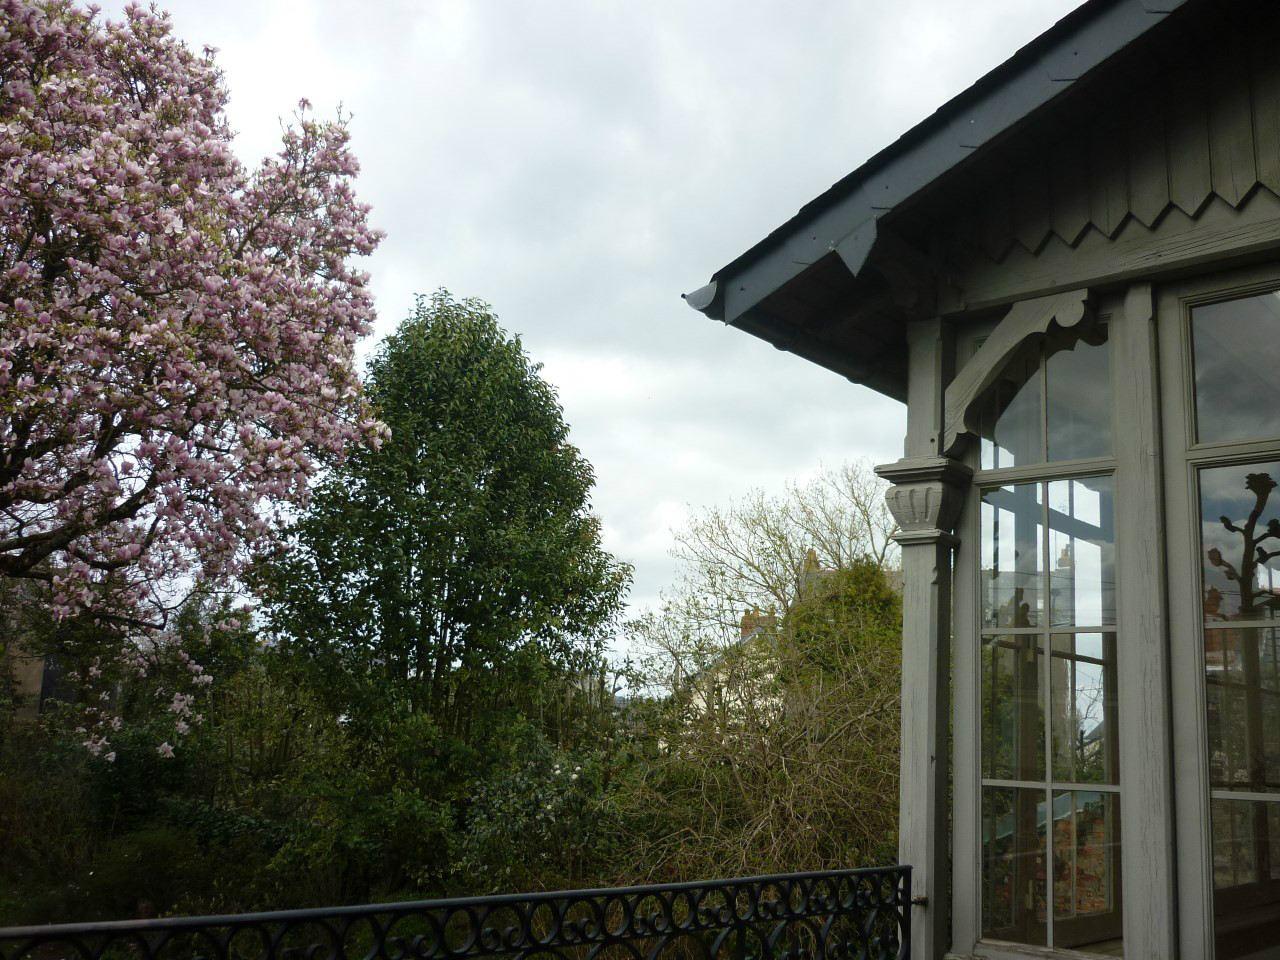 단독 가정 주택 용 매매 에 SAINTE ANNE Nantes, 페이드라루아르주 44100 프랑스